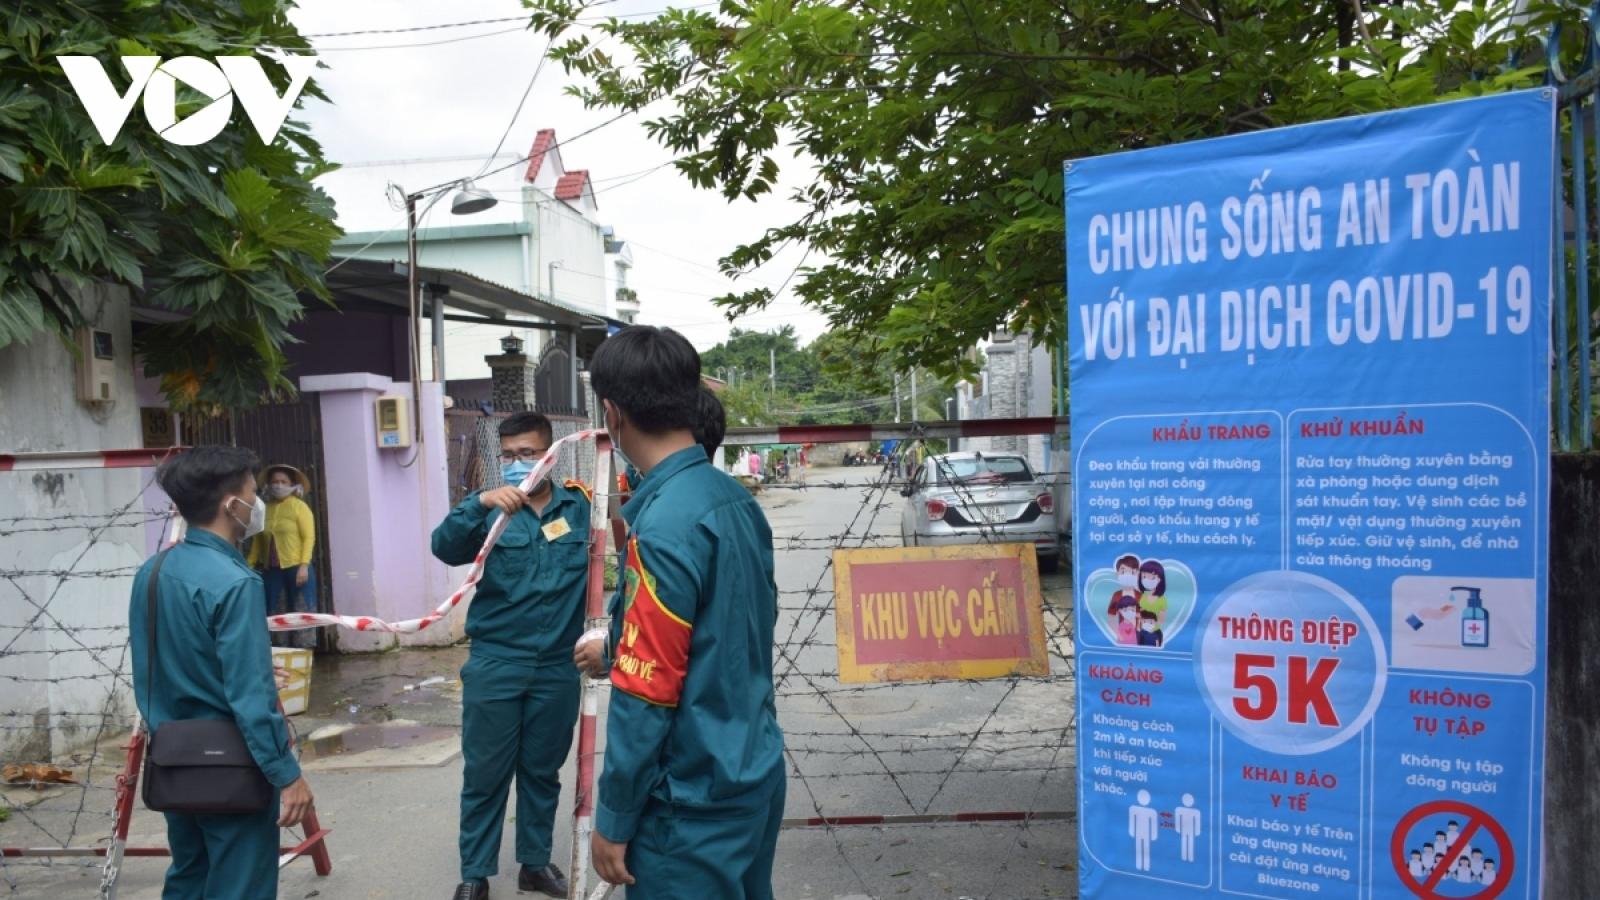 6 giờ qua, Việt Nam có thêm 112 ca mắc COVID-19, riêng TP.HCM 50 ca